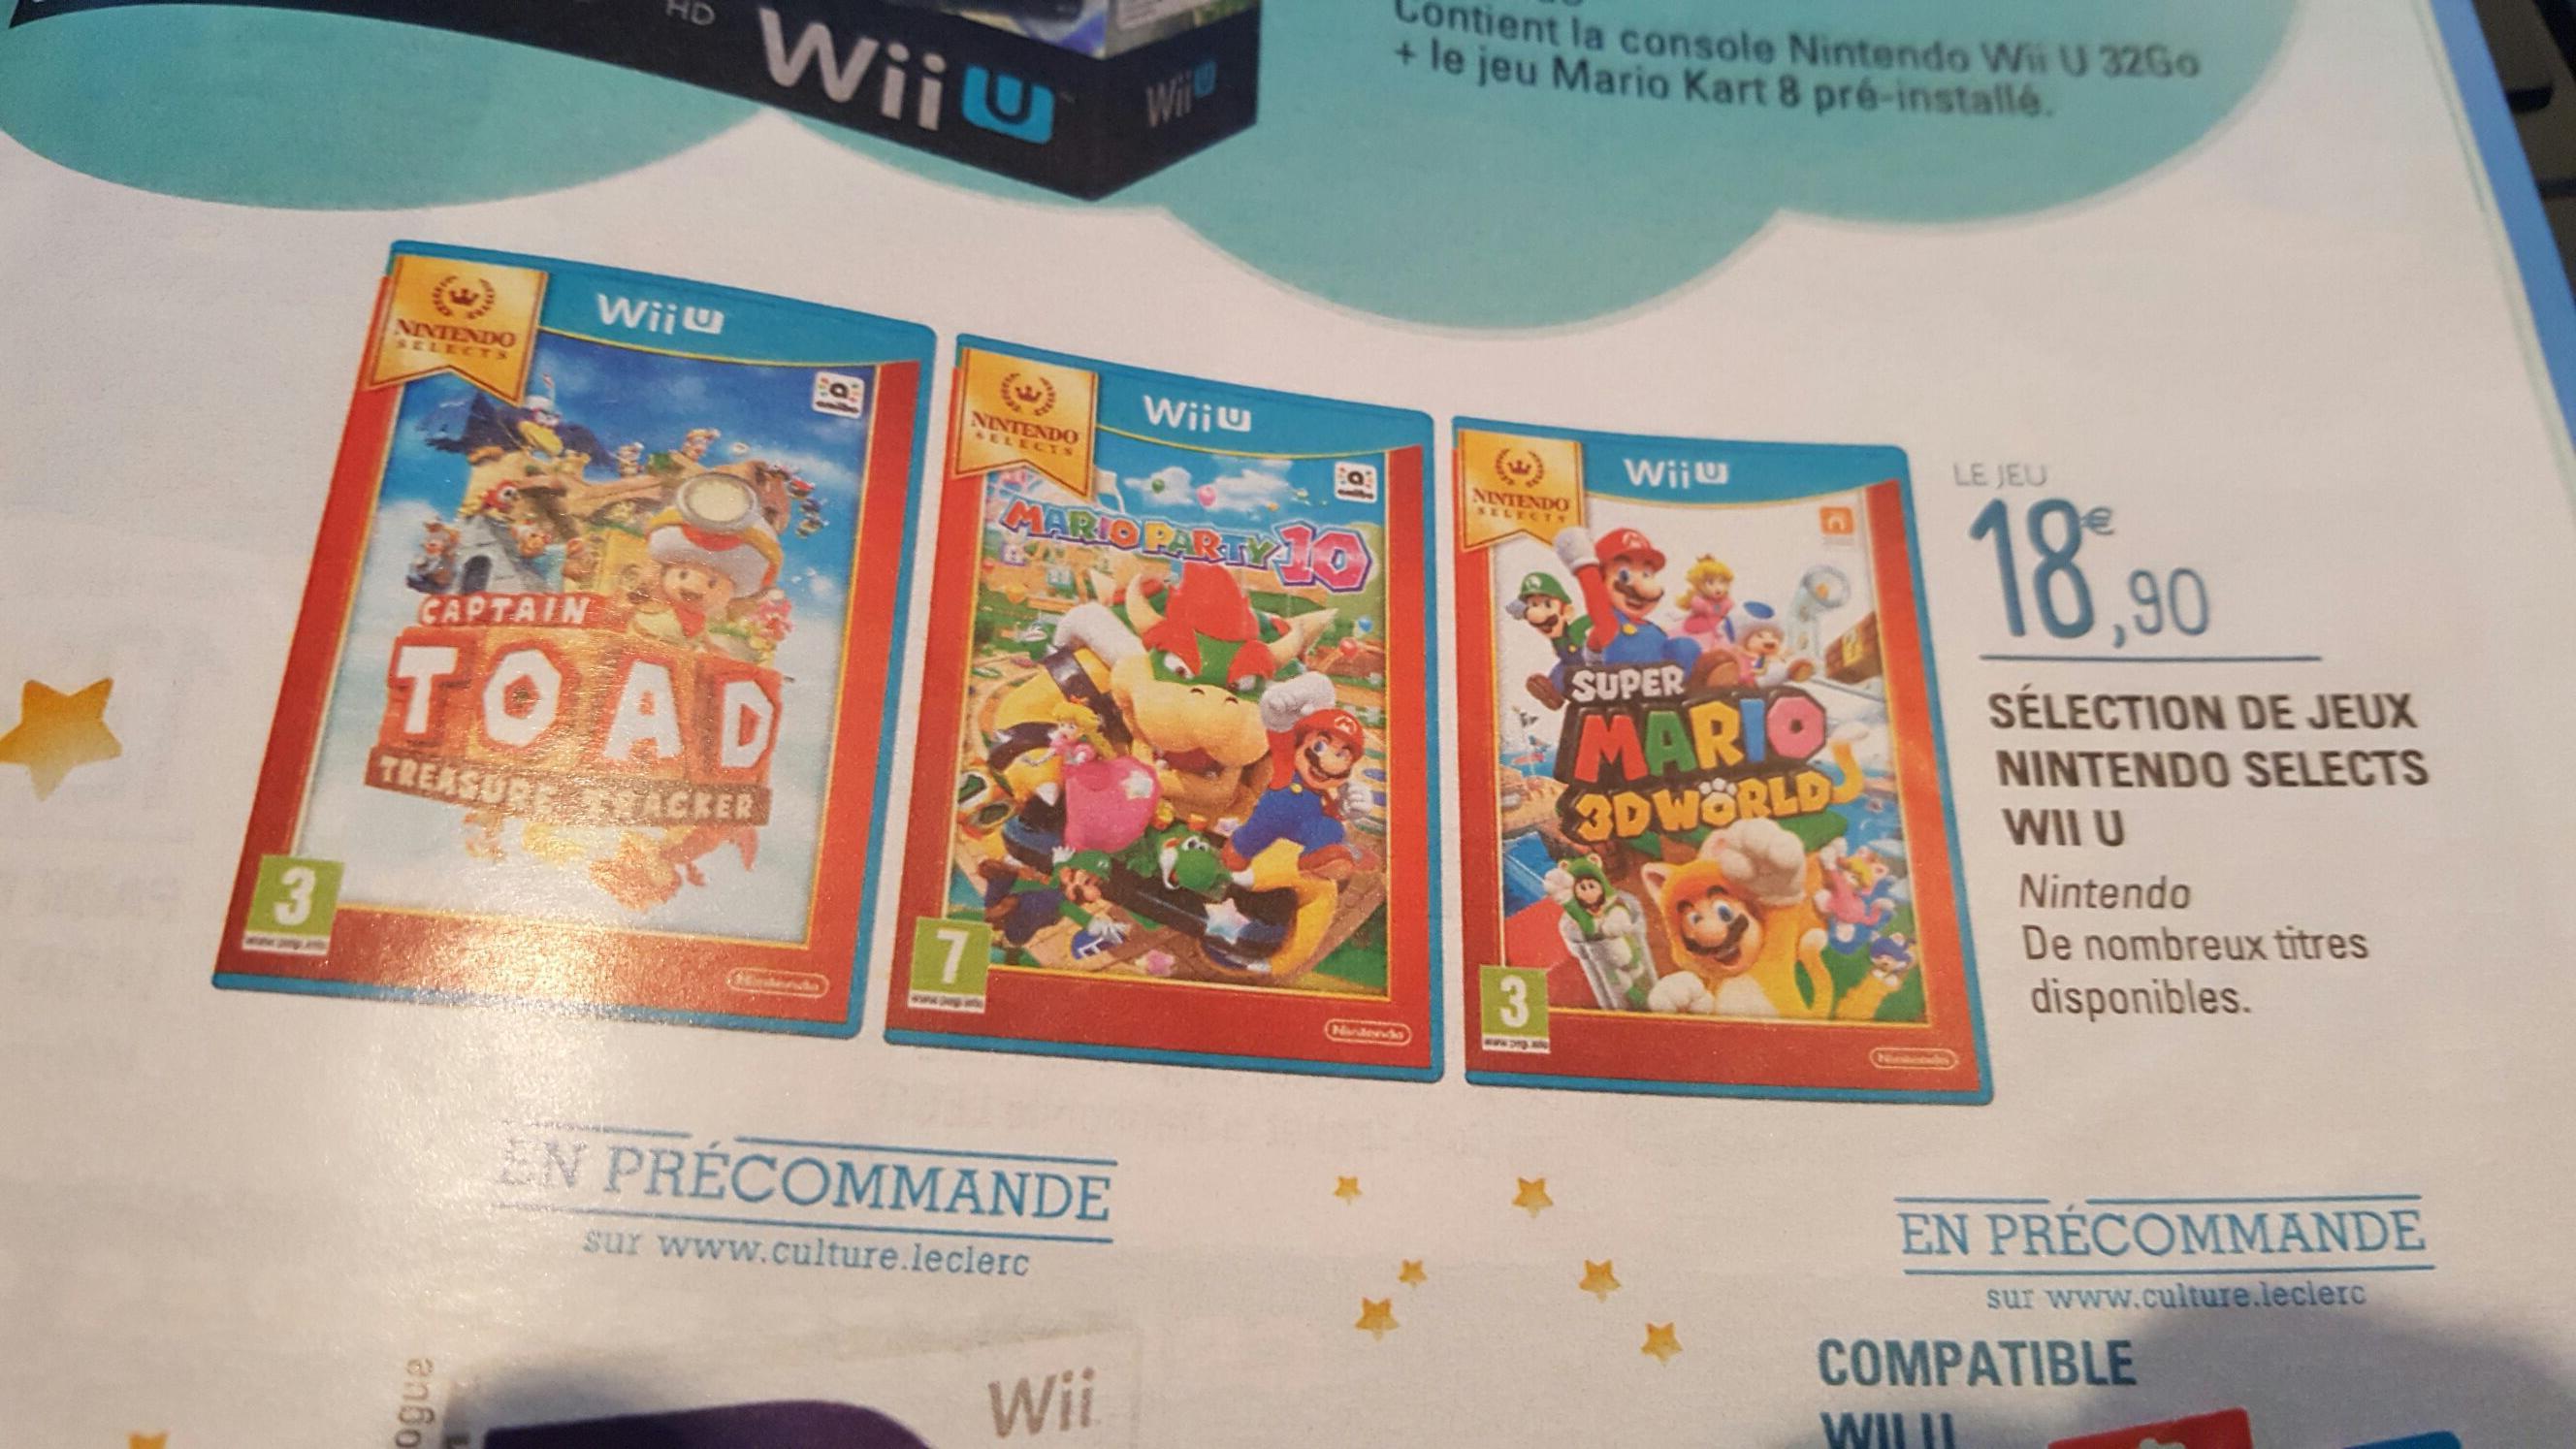 Sélection de jeux Wii U Nintendo Select (Captain Toad, Mario Party 10...)